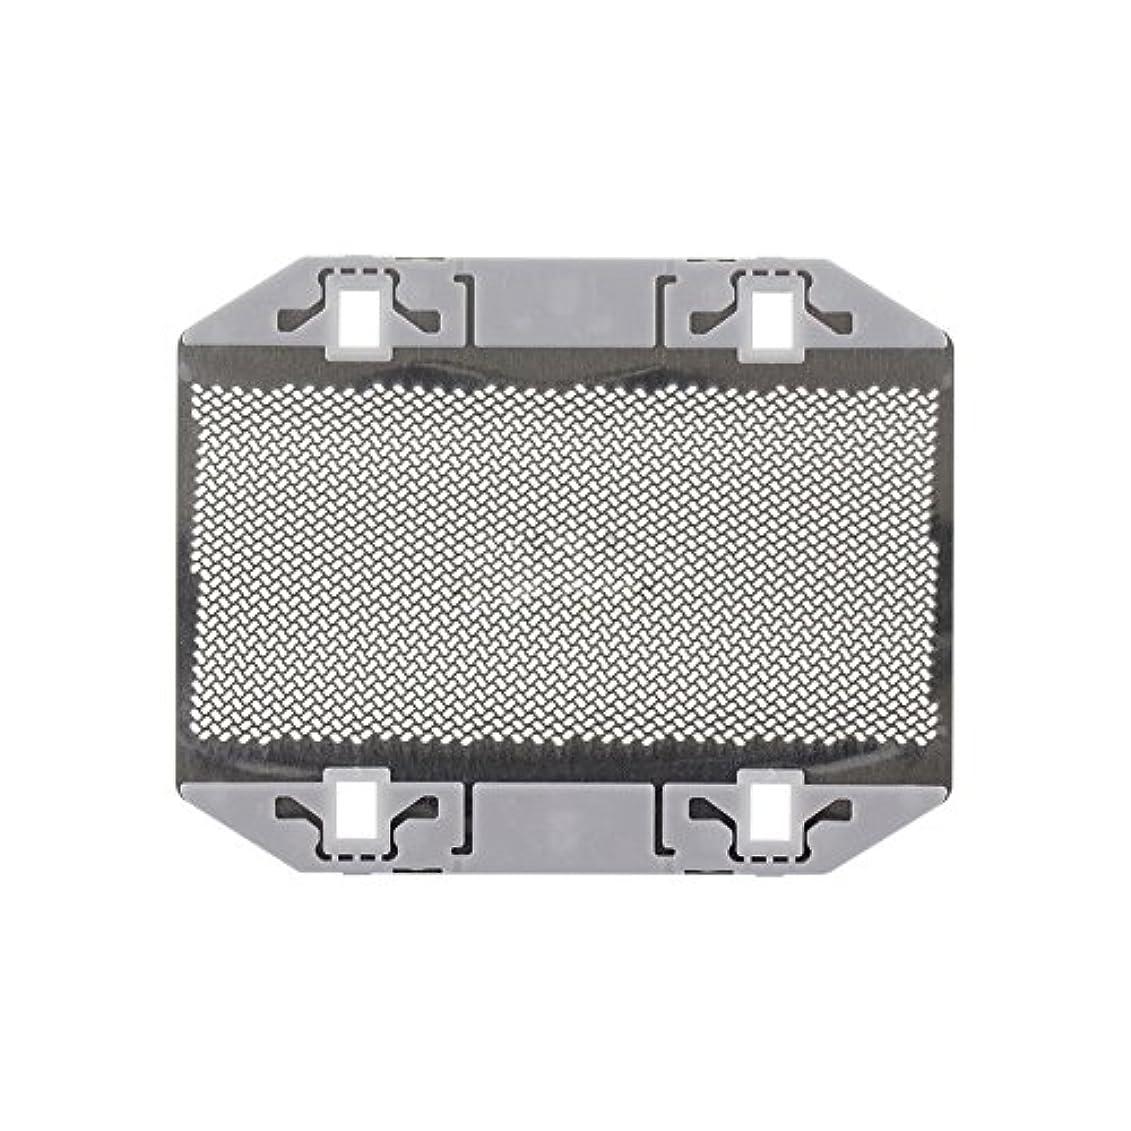 不毛不純一元化するHzjundasi シェーバーパーツ 部品 外刃 ロータリー式シェーバー替刃 耐用 高質量 for Panasonic ES9943 ES3042 ES3801 ES3750 ES365 ES366